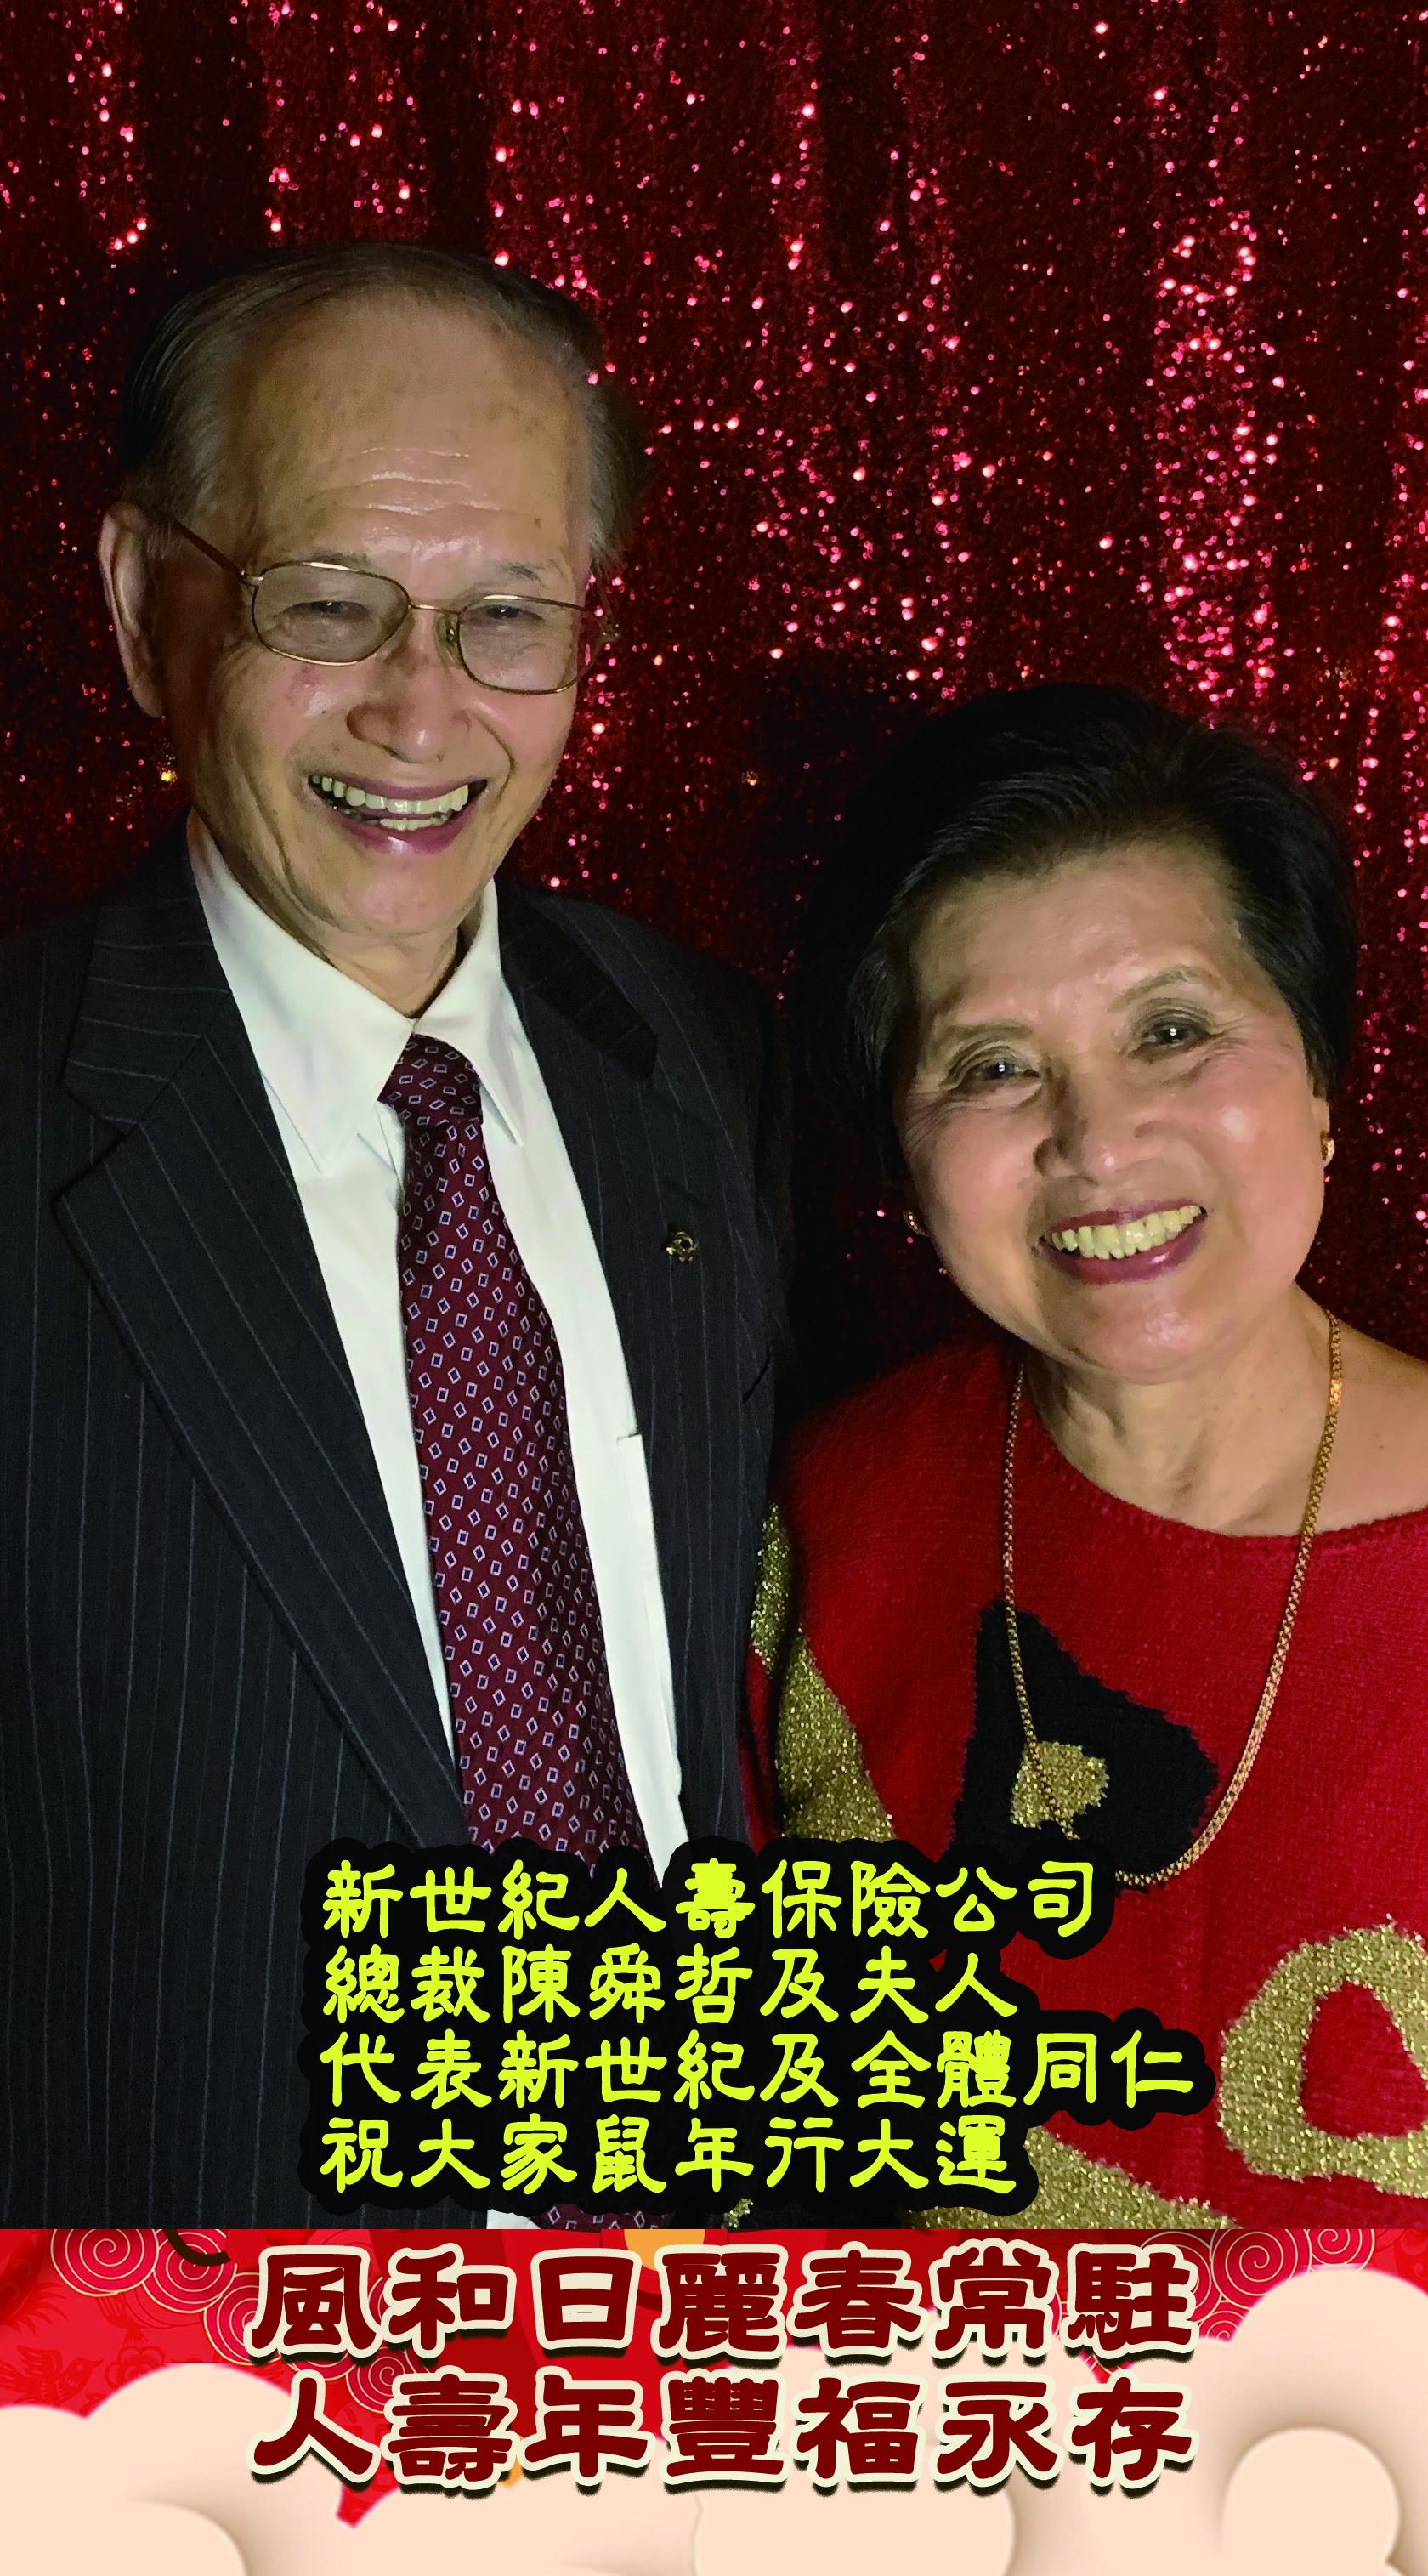 新世紀人壽保險公司總裁陳舜哲向大家拜年。